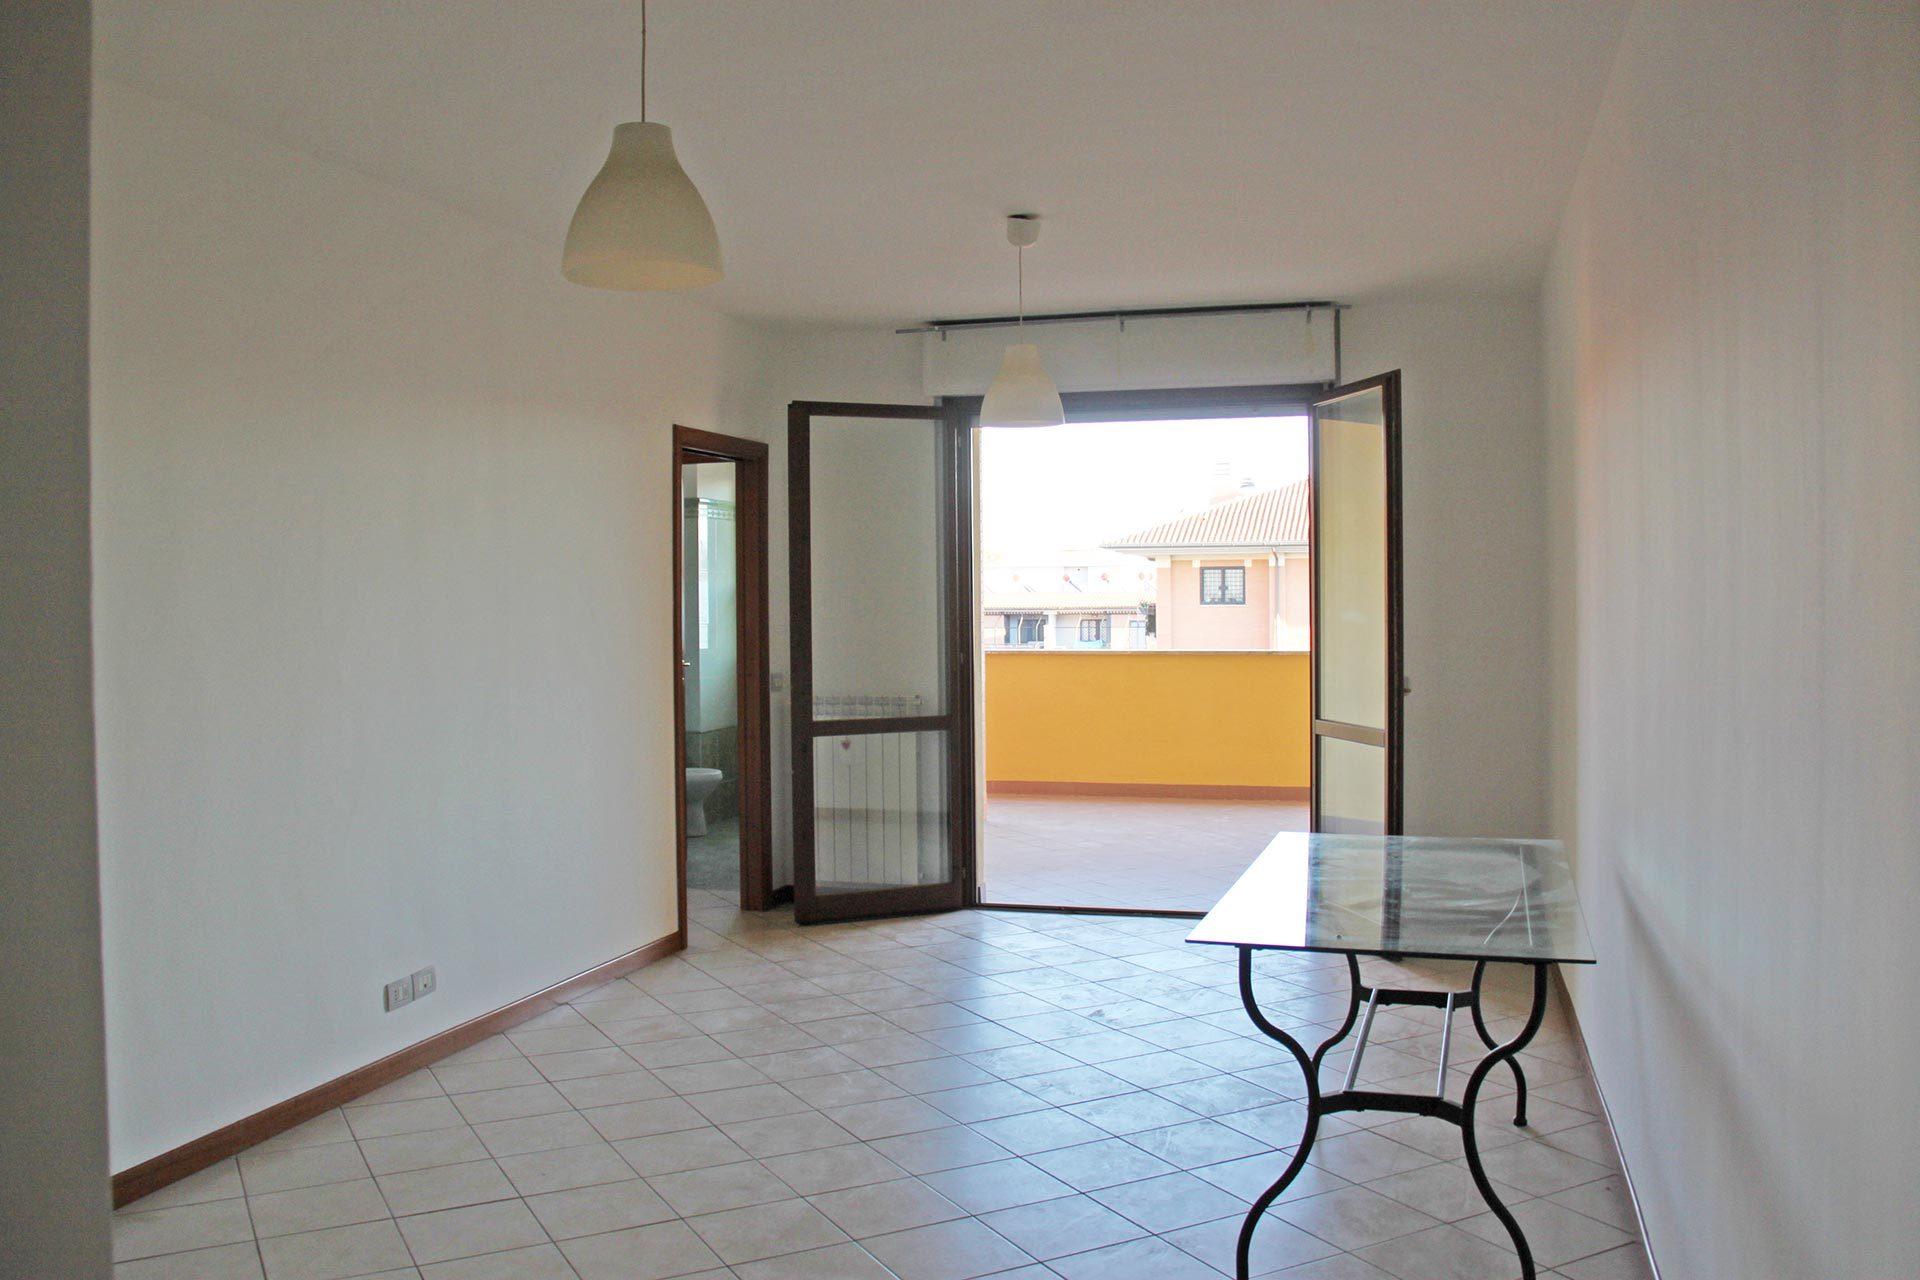 Vendita appartamento trilocale zona Romanina